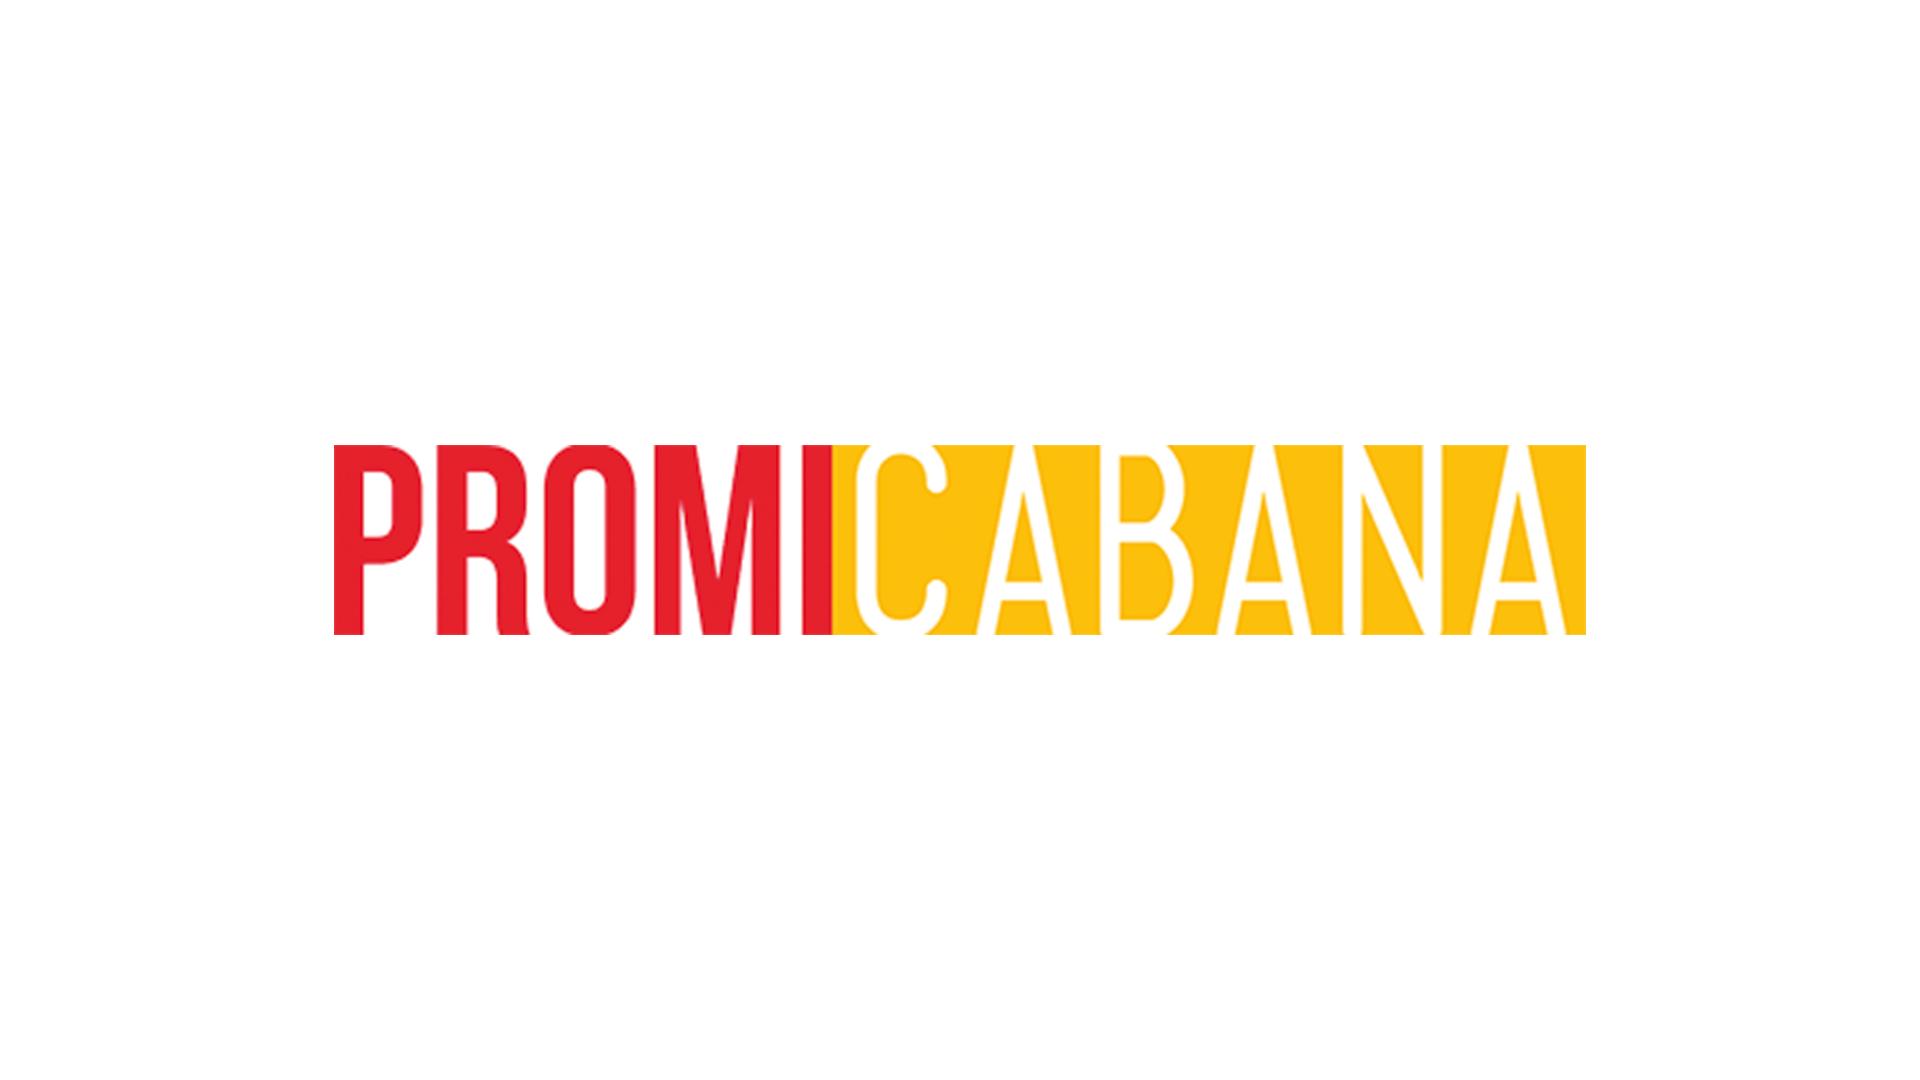 Sean-Penn-El-Chapo